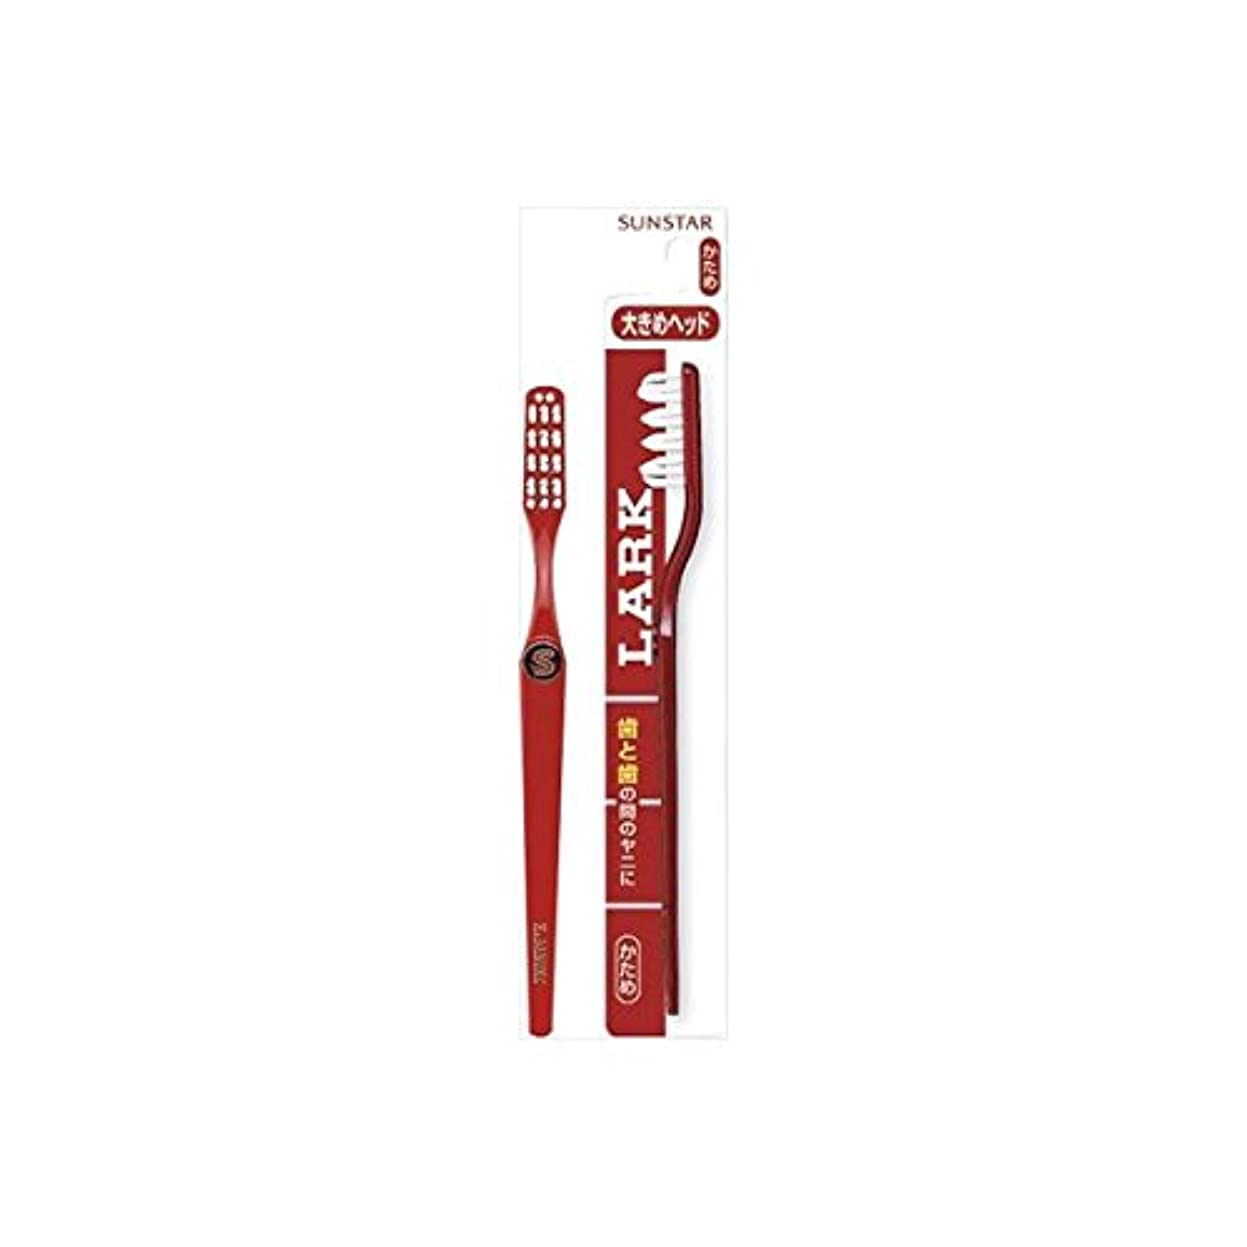 性別掘る暖かさサンスター ラーク 歯ブラシ レギュラーヘッド × 6 点セット